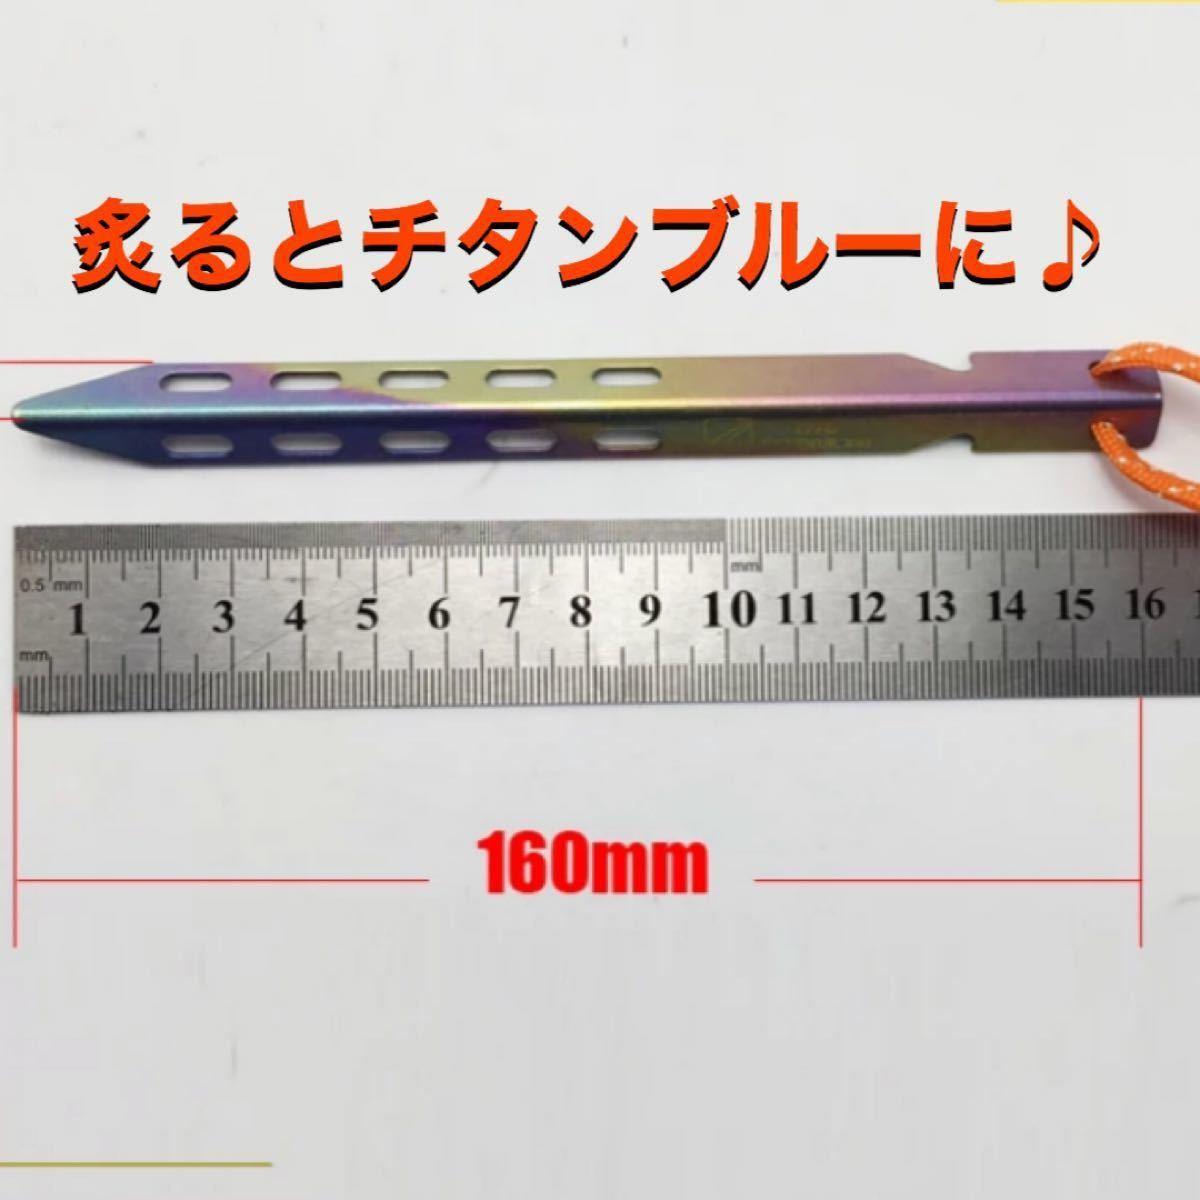 チタンペグ V字型 160mm 8本セット 超軽量